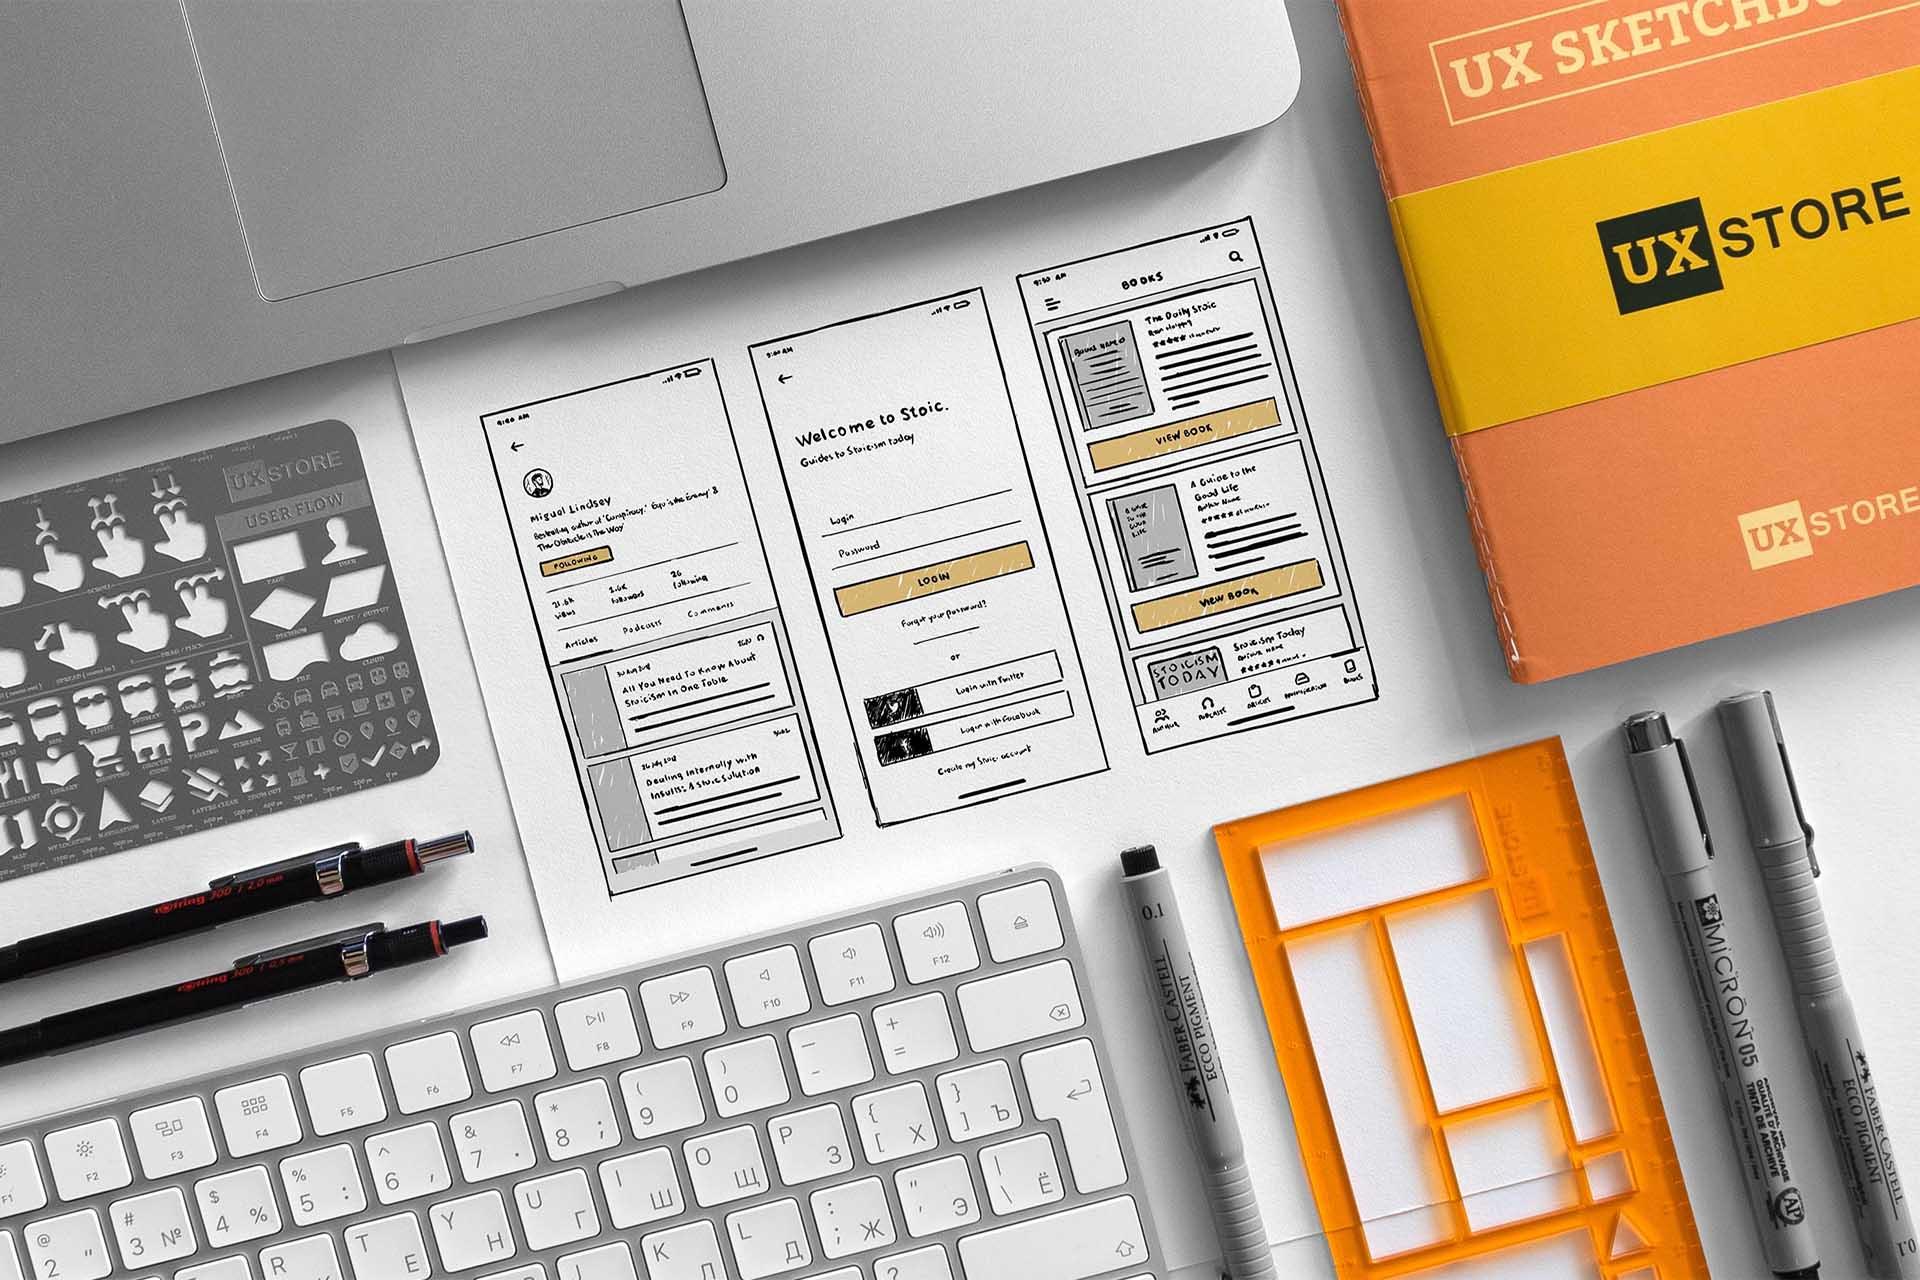 t2informatik Blog: Von der Idee zum Prototyp